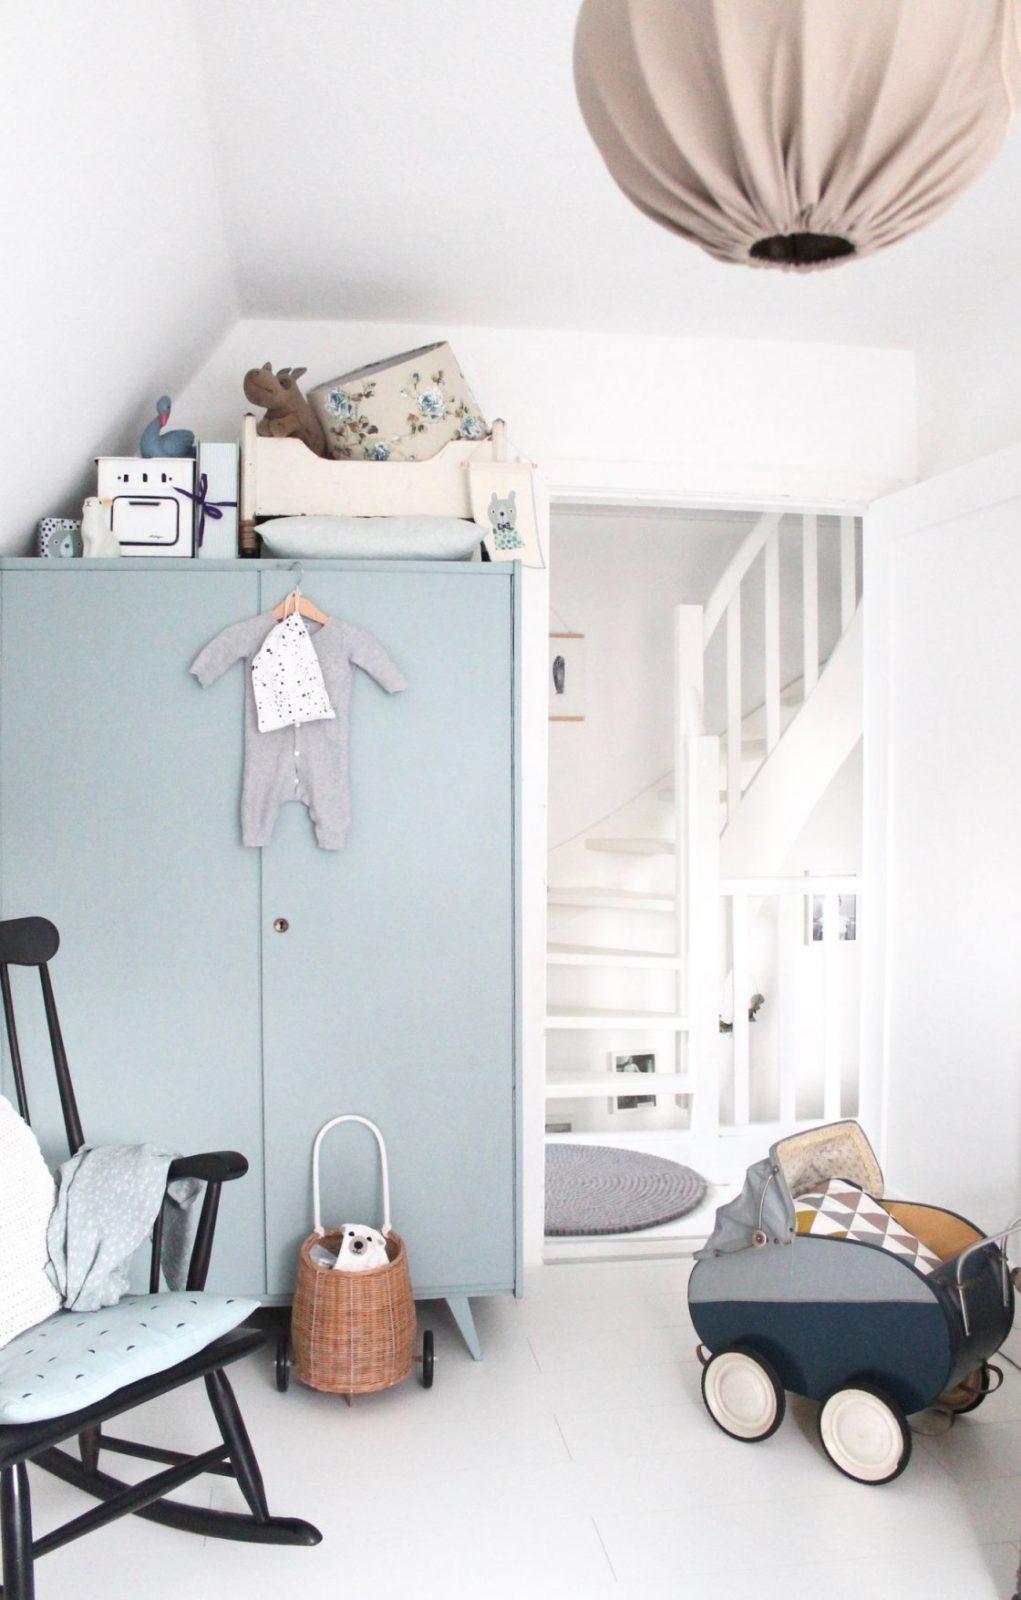 Die Schönsten Ideen Für Dein Kinderzimmer von Babyzimmer Gestalten Kreative Ideen Bild